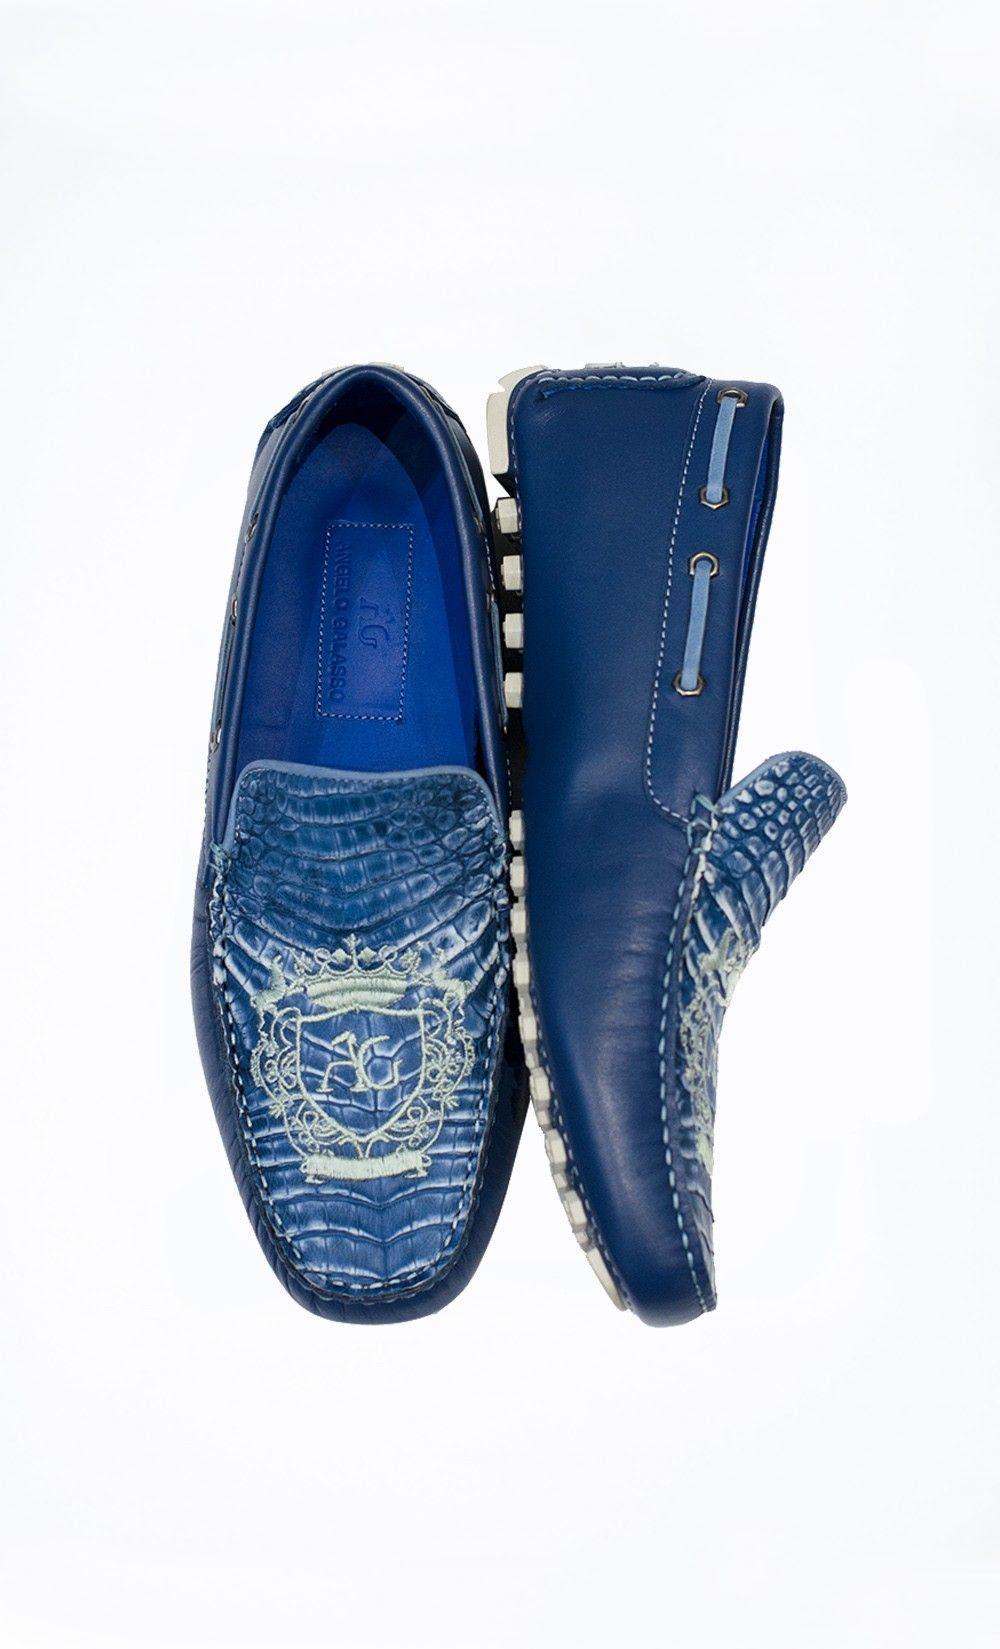 vente chaude en ligne 4b4dc d17e8 Blue Mocassin with Vintage Caiman Detail. BUY IT ONLINE NOW ...